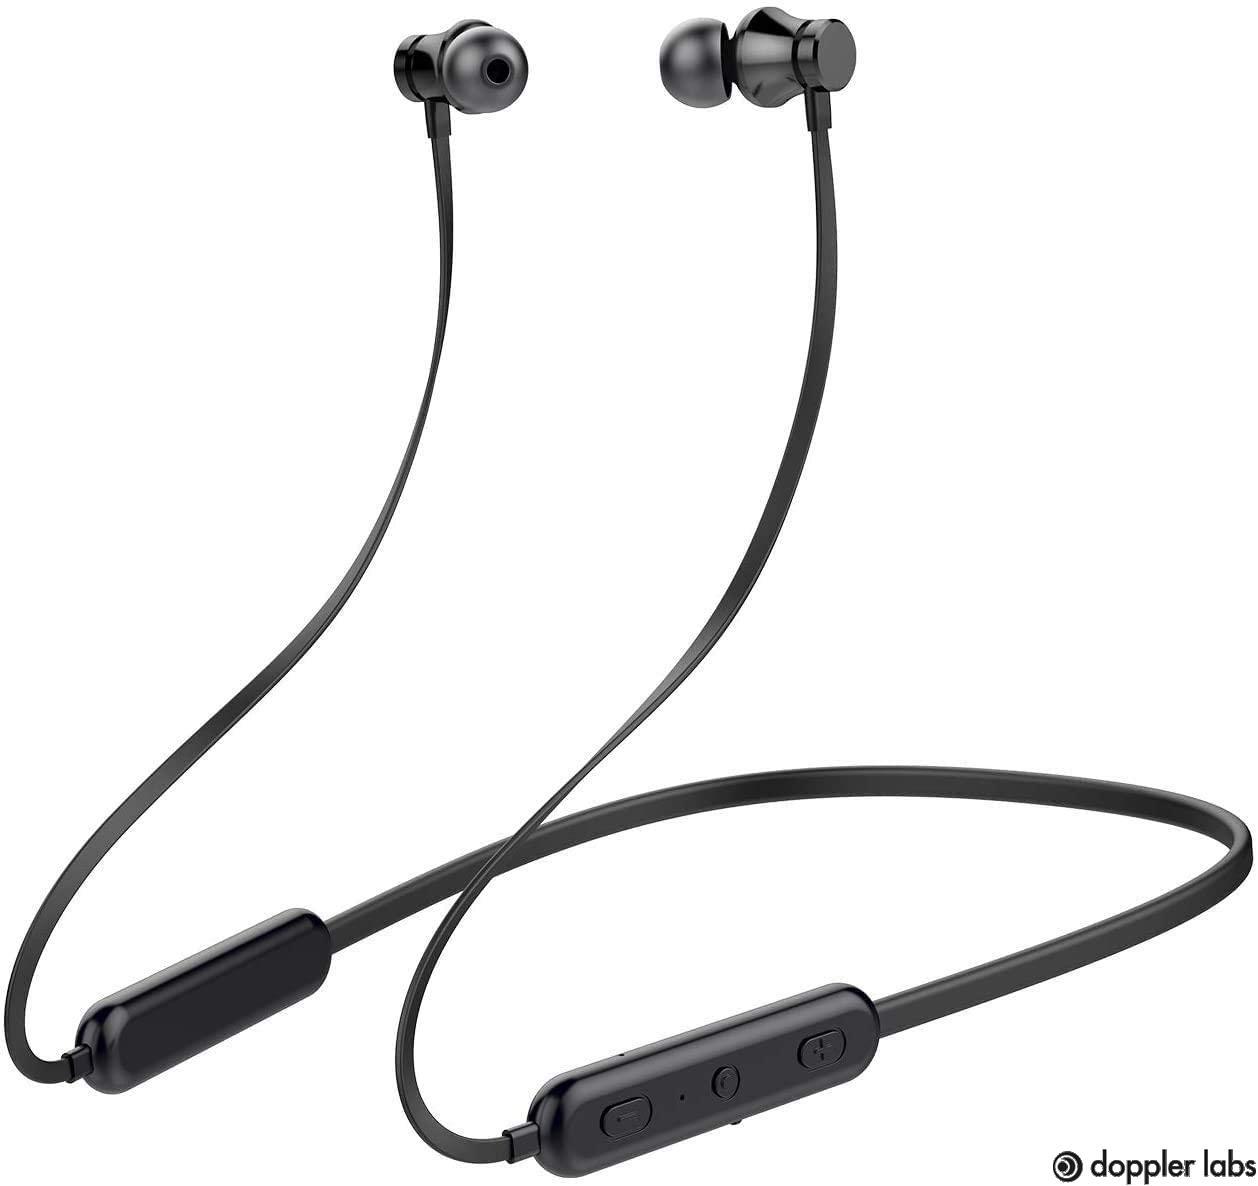 KLOKOL Bluetooth Headphones